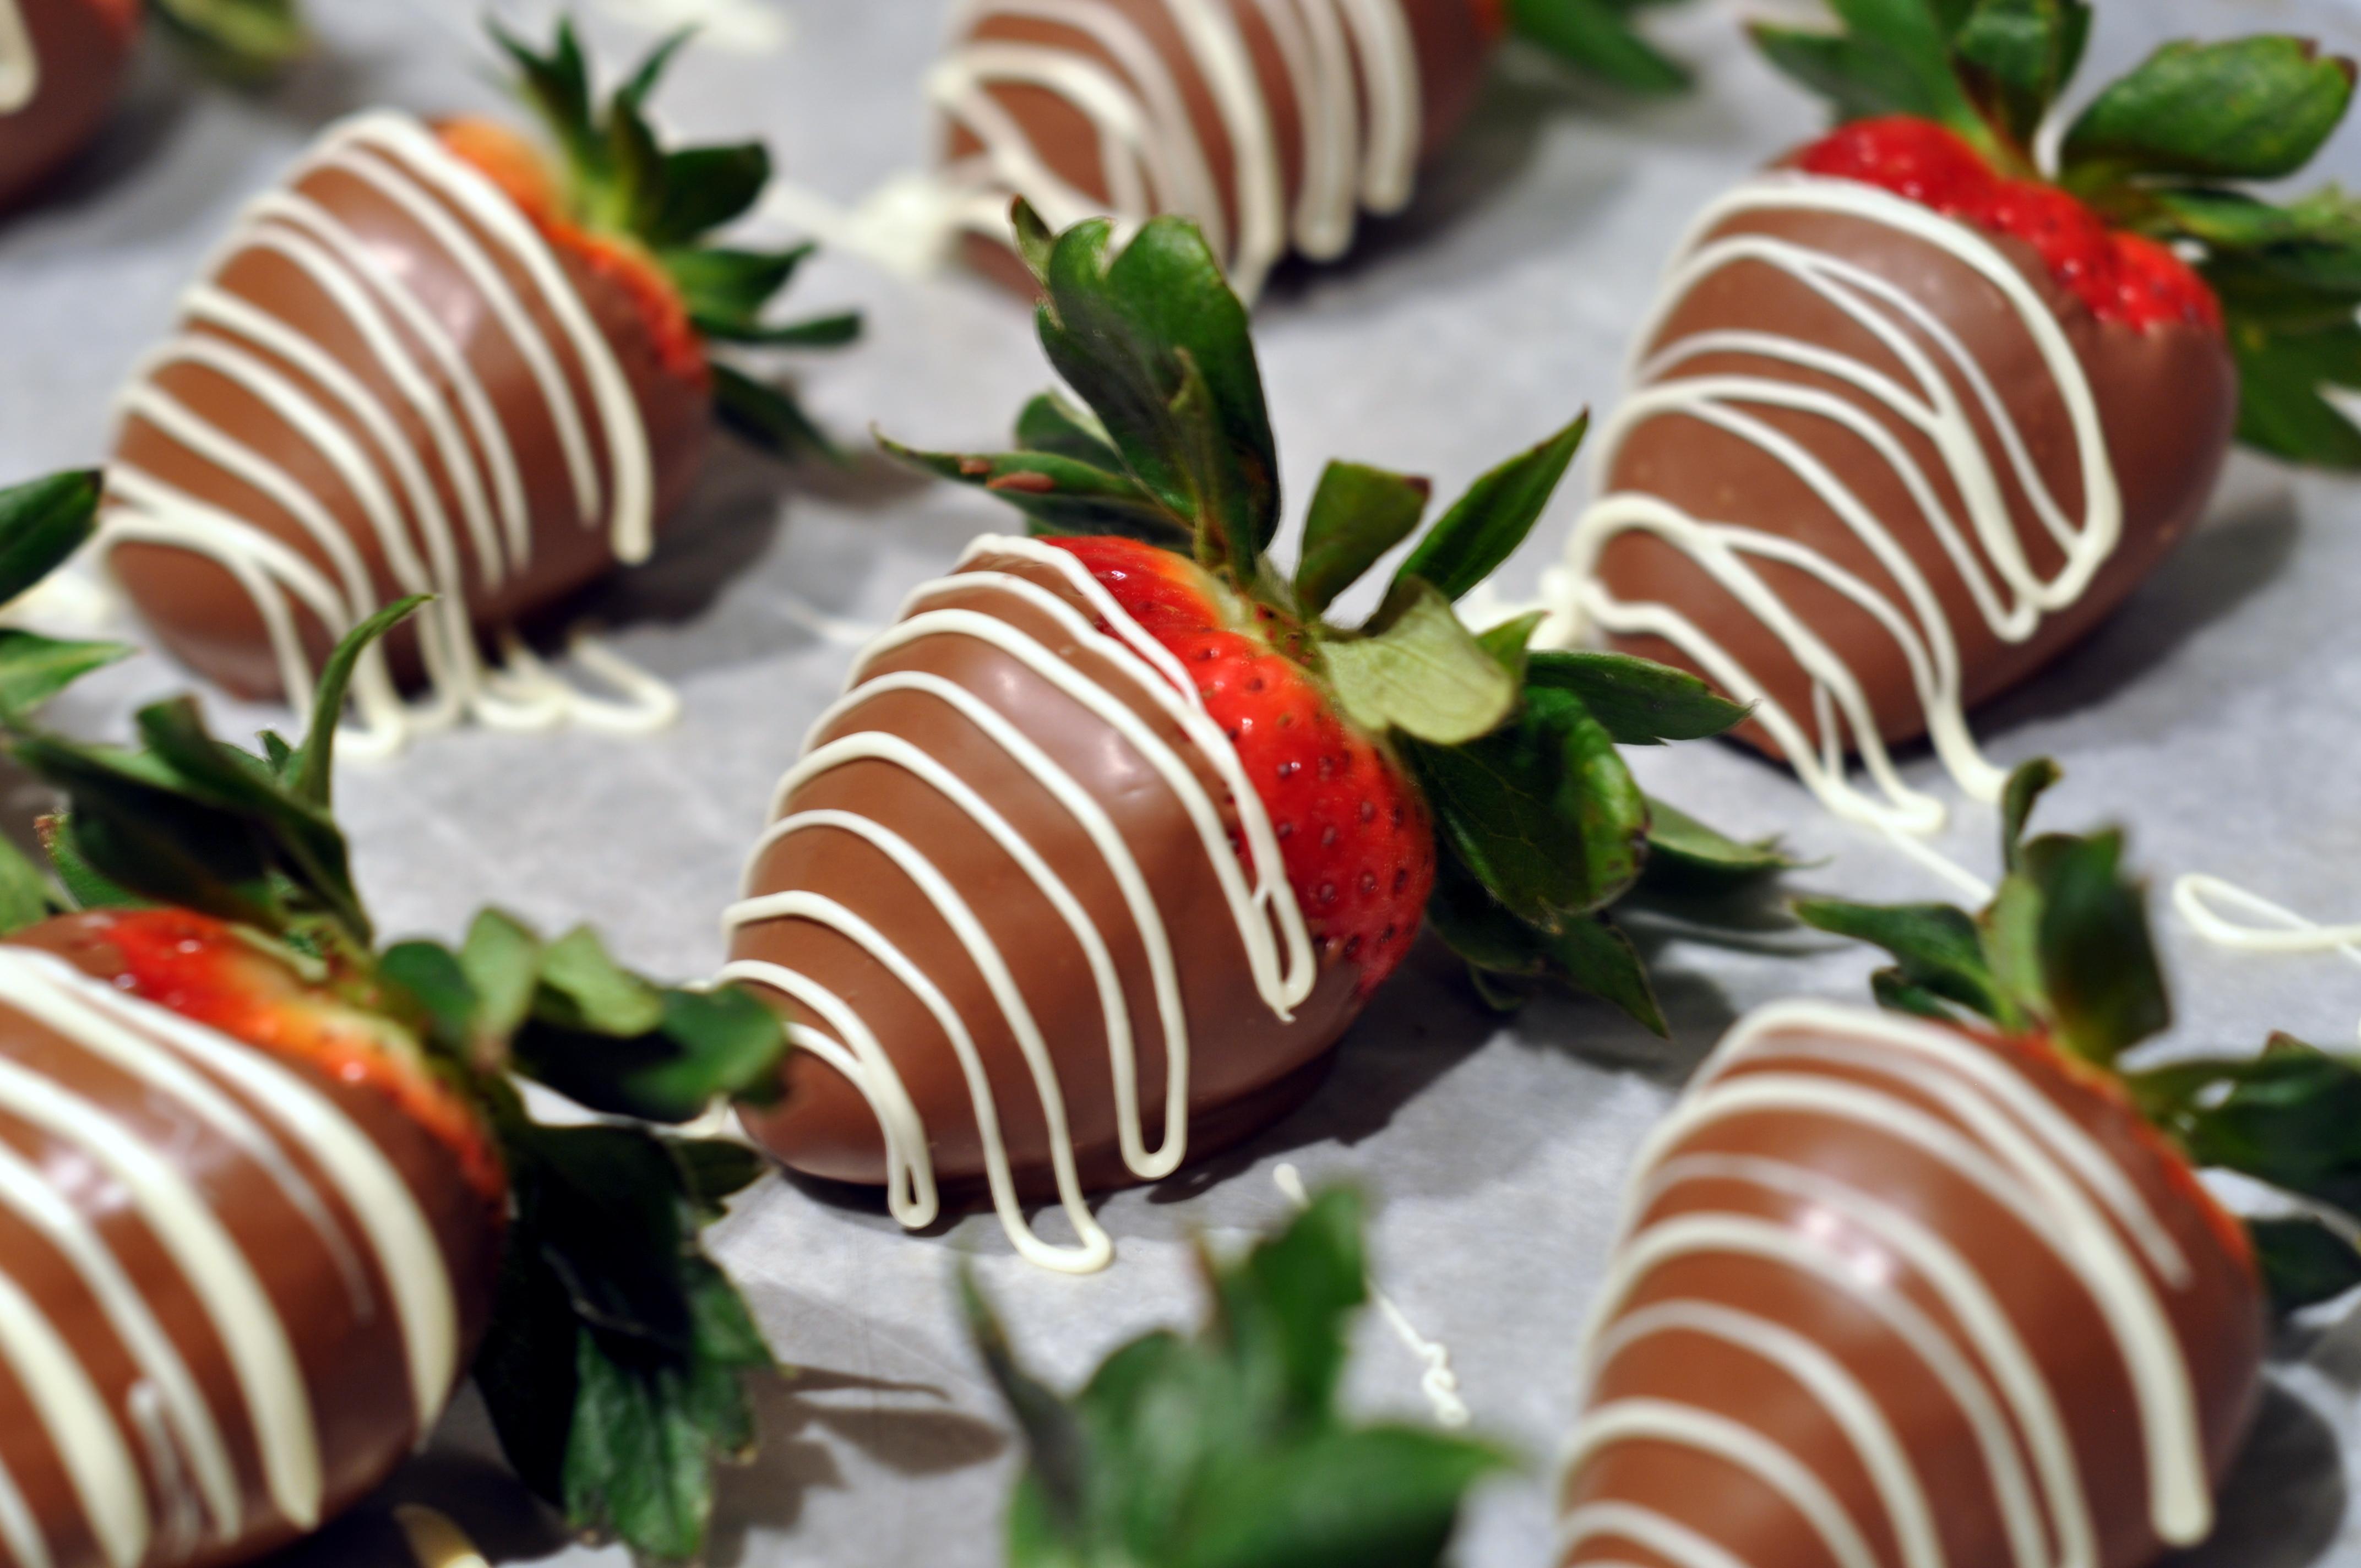 Making White Chocolate Covered Strawberries